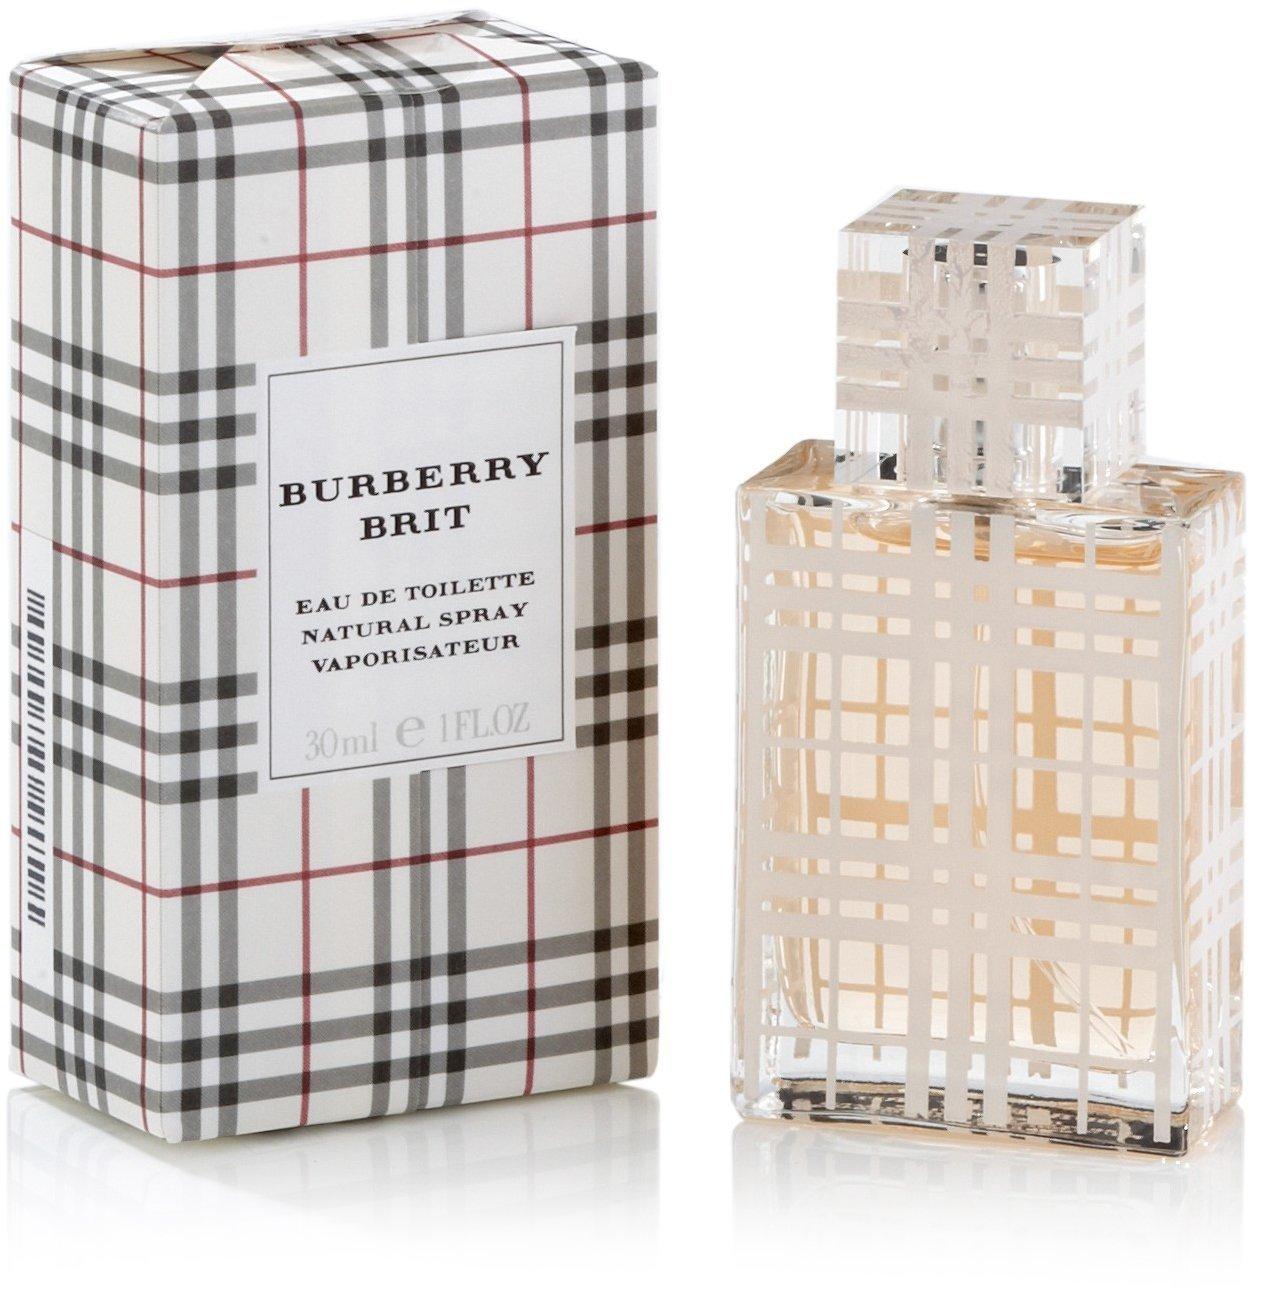 burberry parfum burberry parfum einebinsenweisheit. Black Bedroom Furniture Sets. Home Design Ideas